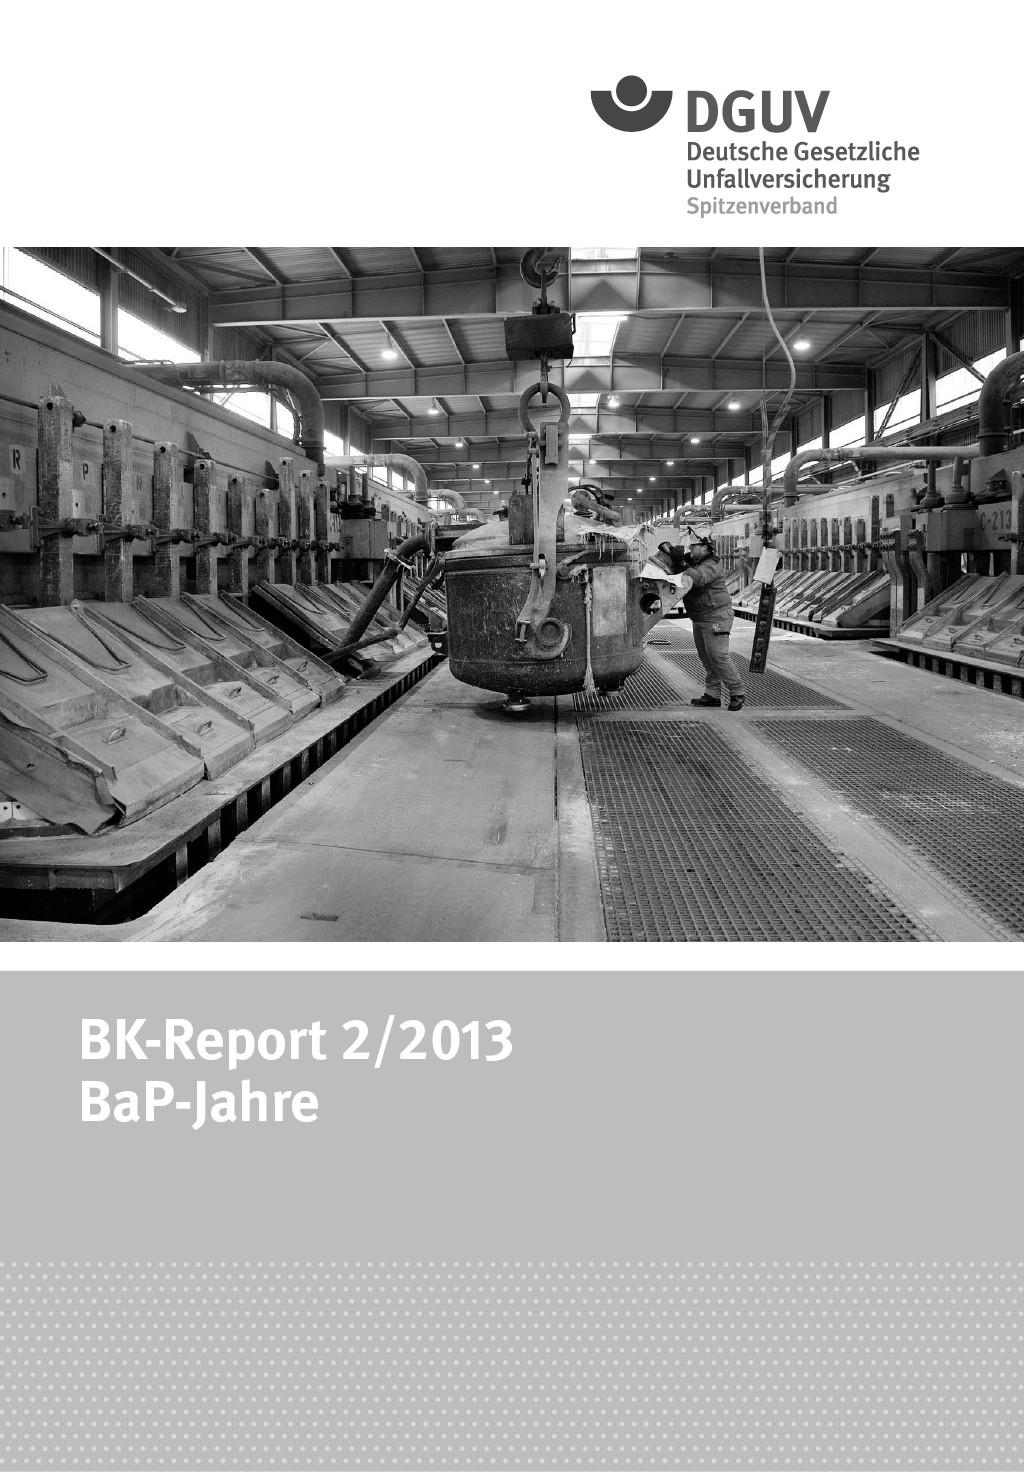 """Titelseiten der BK-Reports """"BaP-Jahre"""" [7] und """"Faserjahre"""" [8]."""